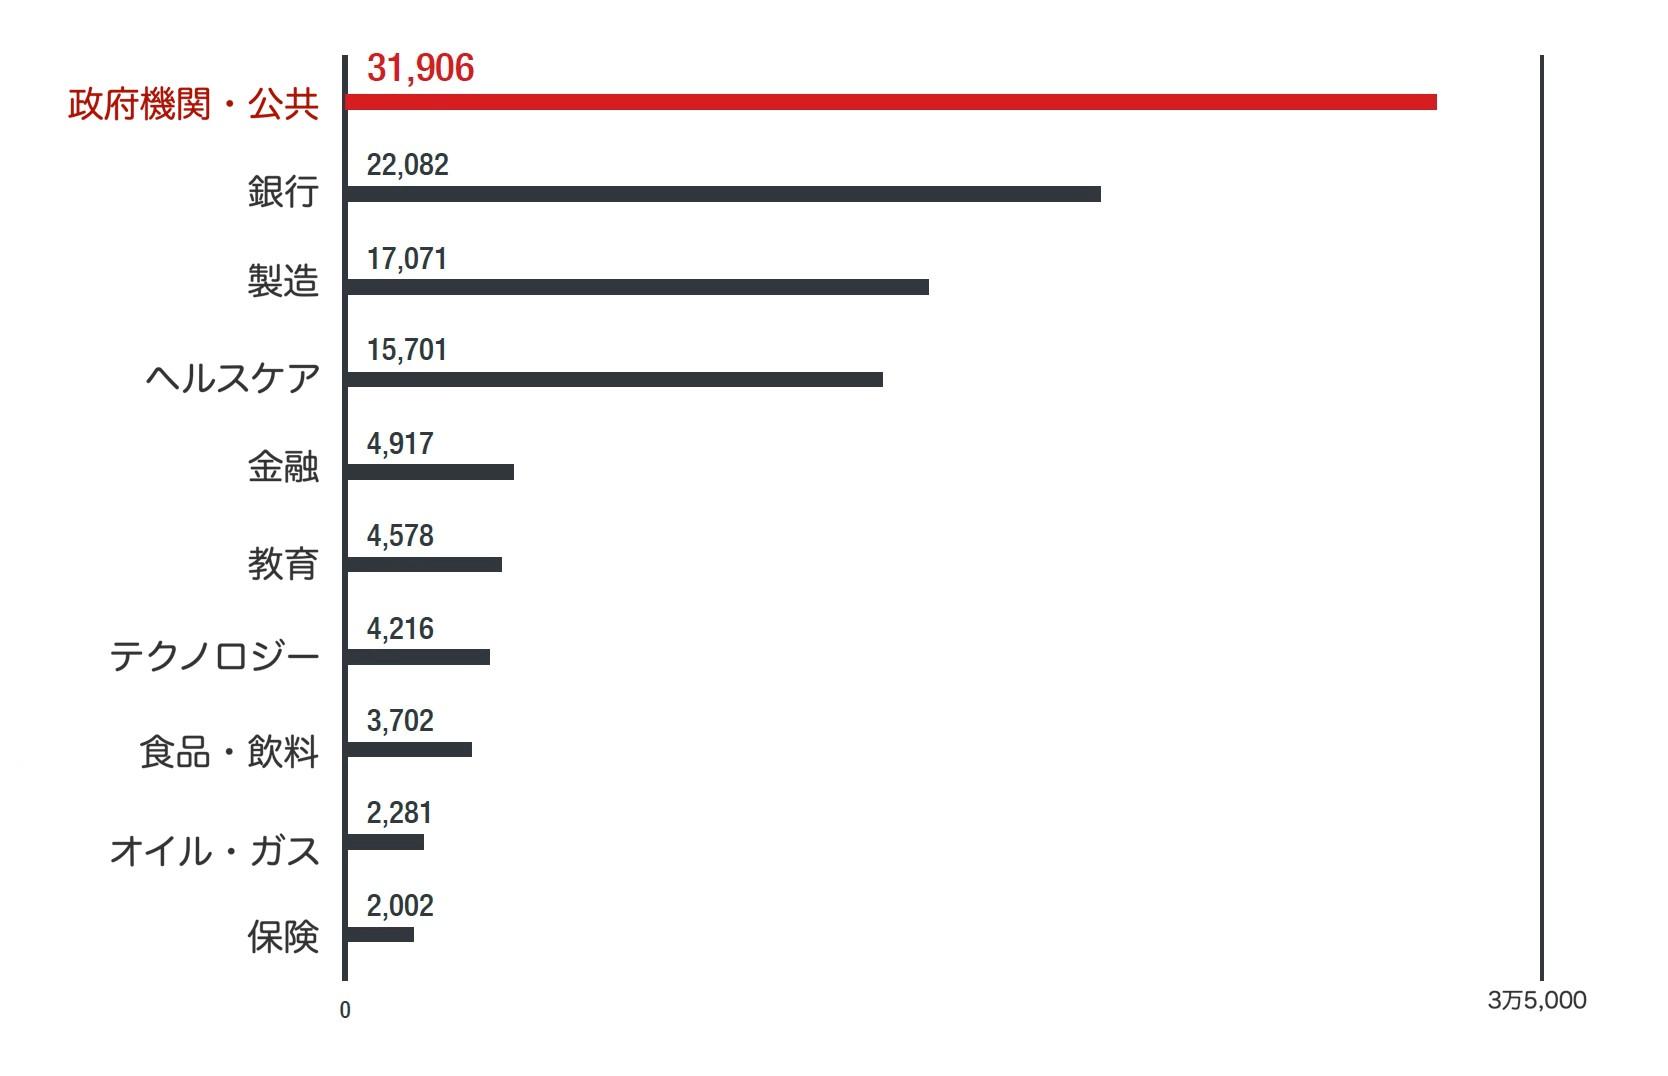 図2:2020年全世界における業種別ランサムウェア検出台数トップ10(トレンドマイクロSPNによる)